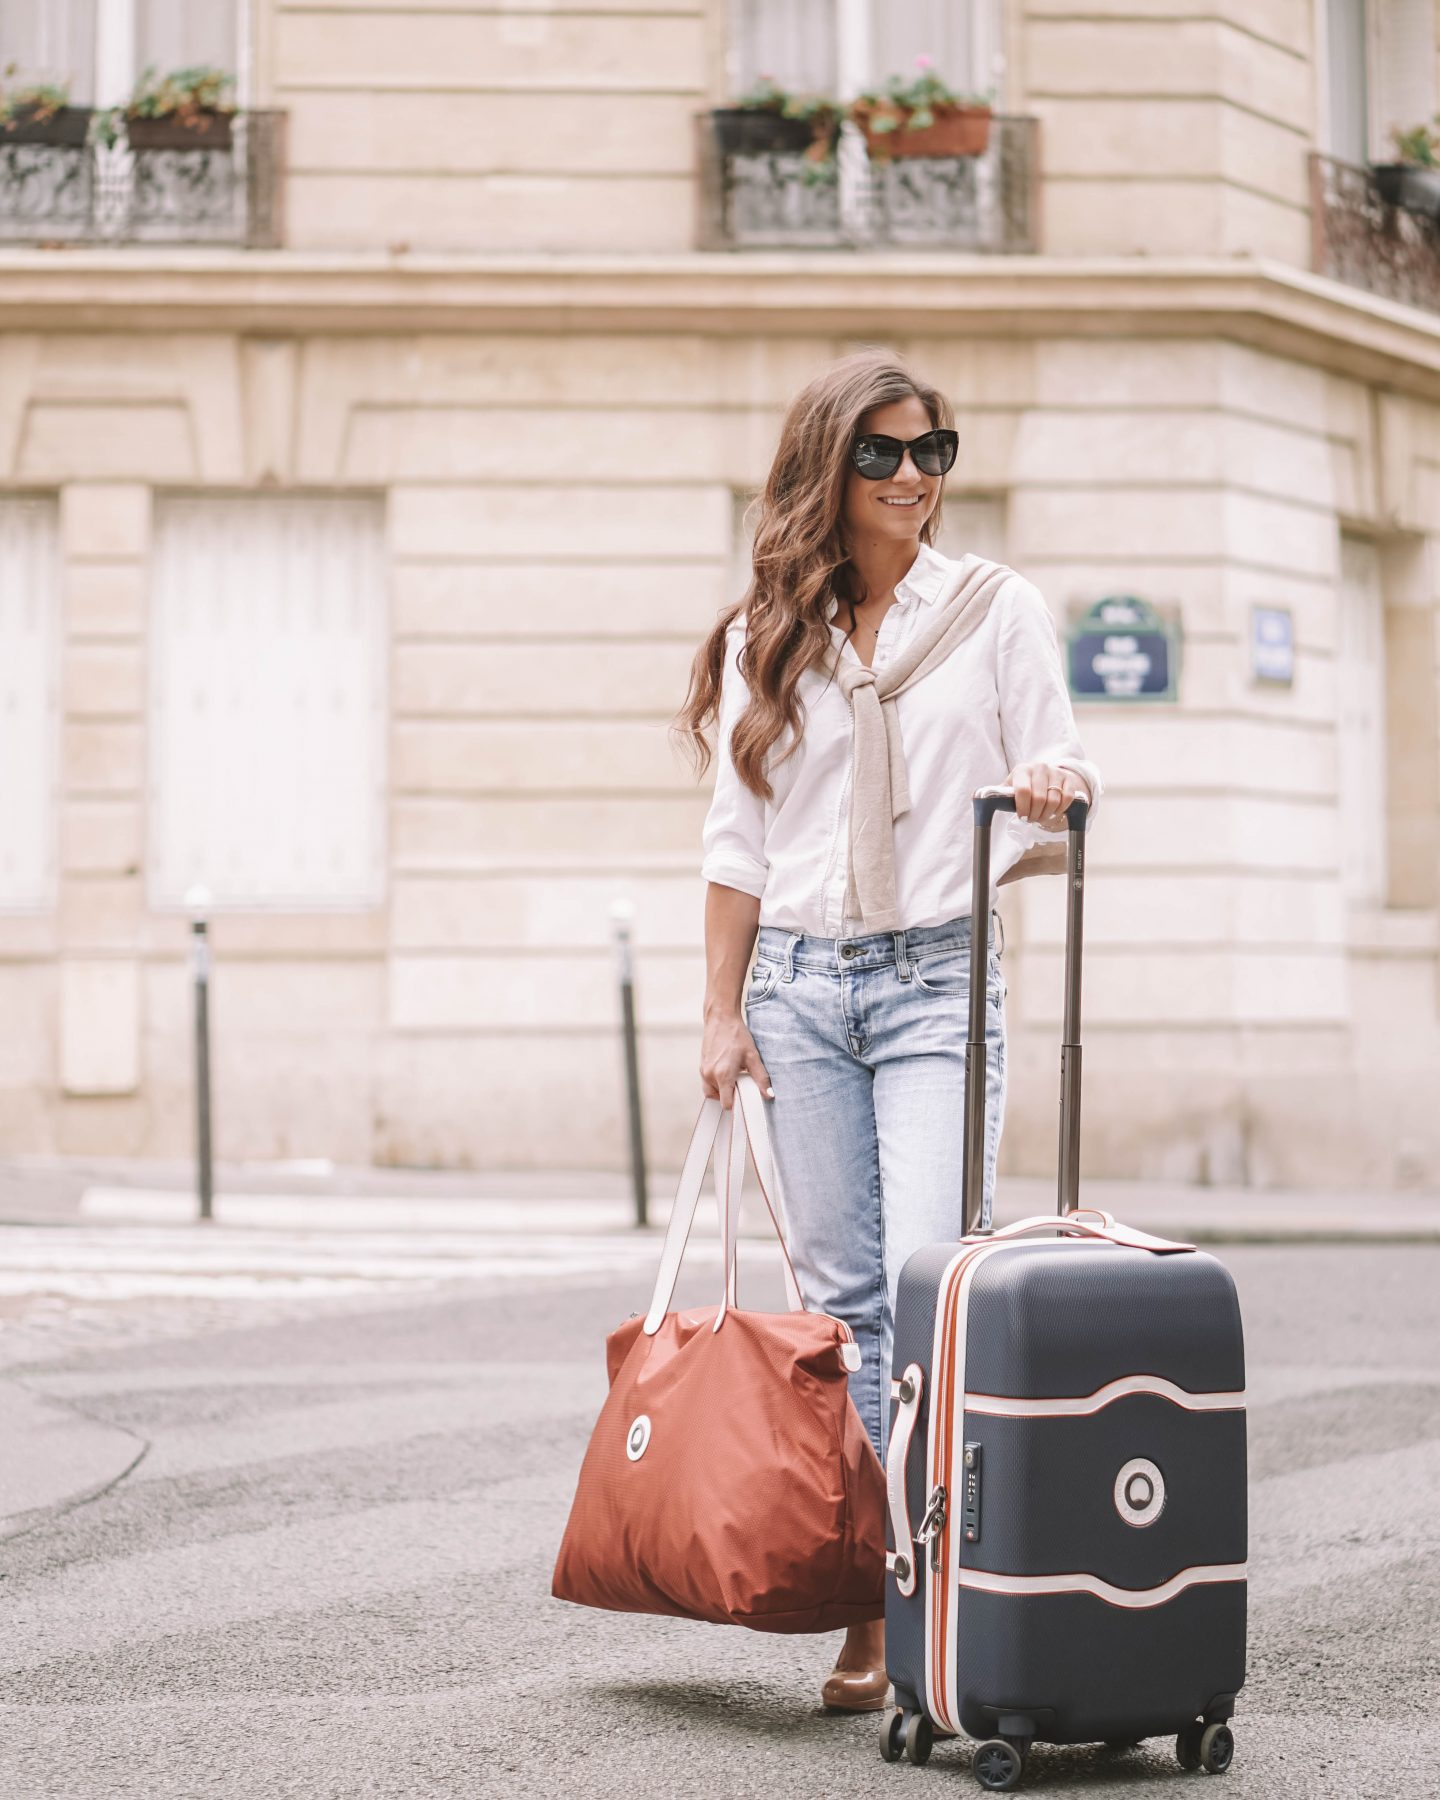 roland garros suitcase special edition